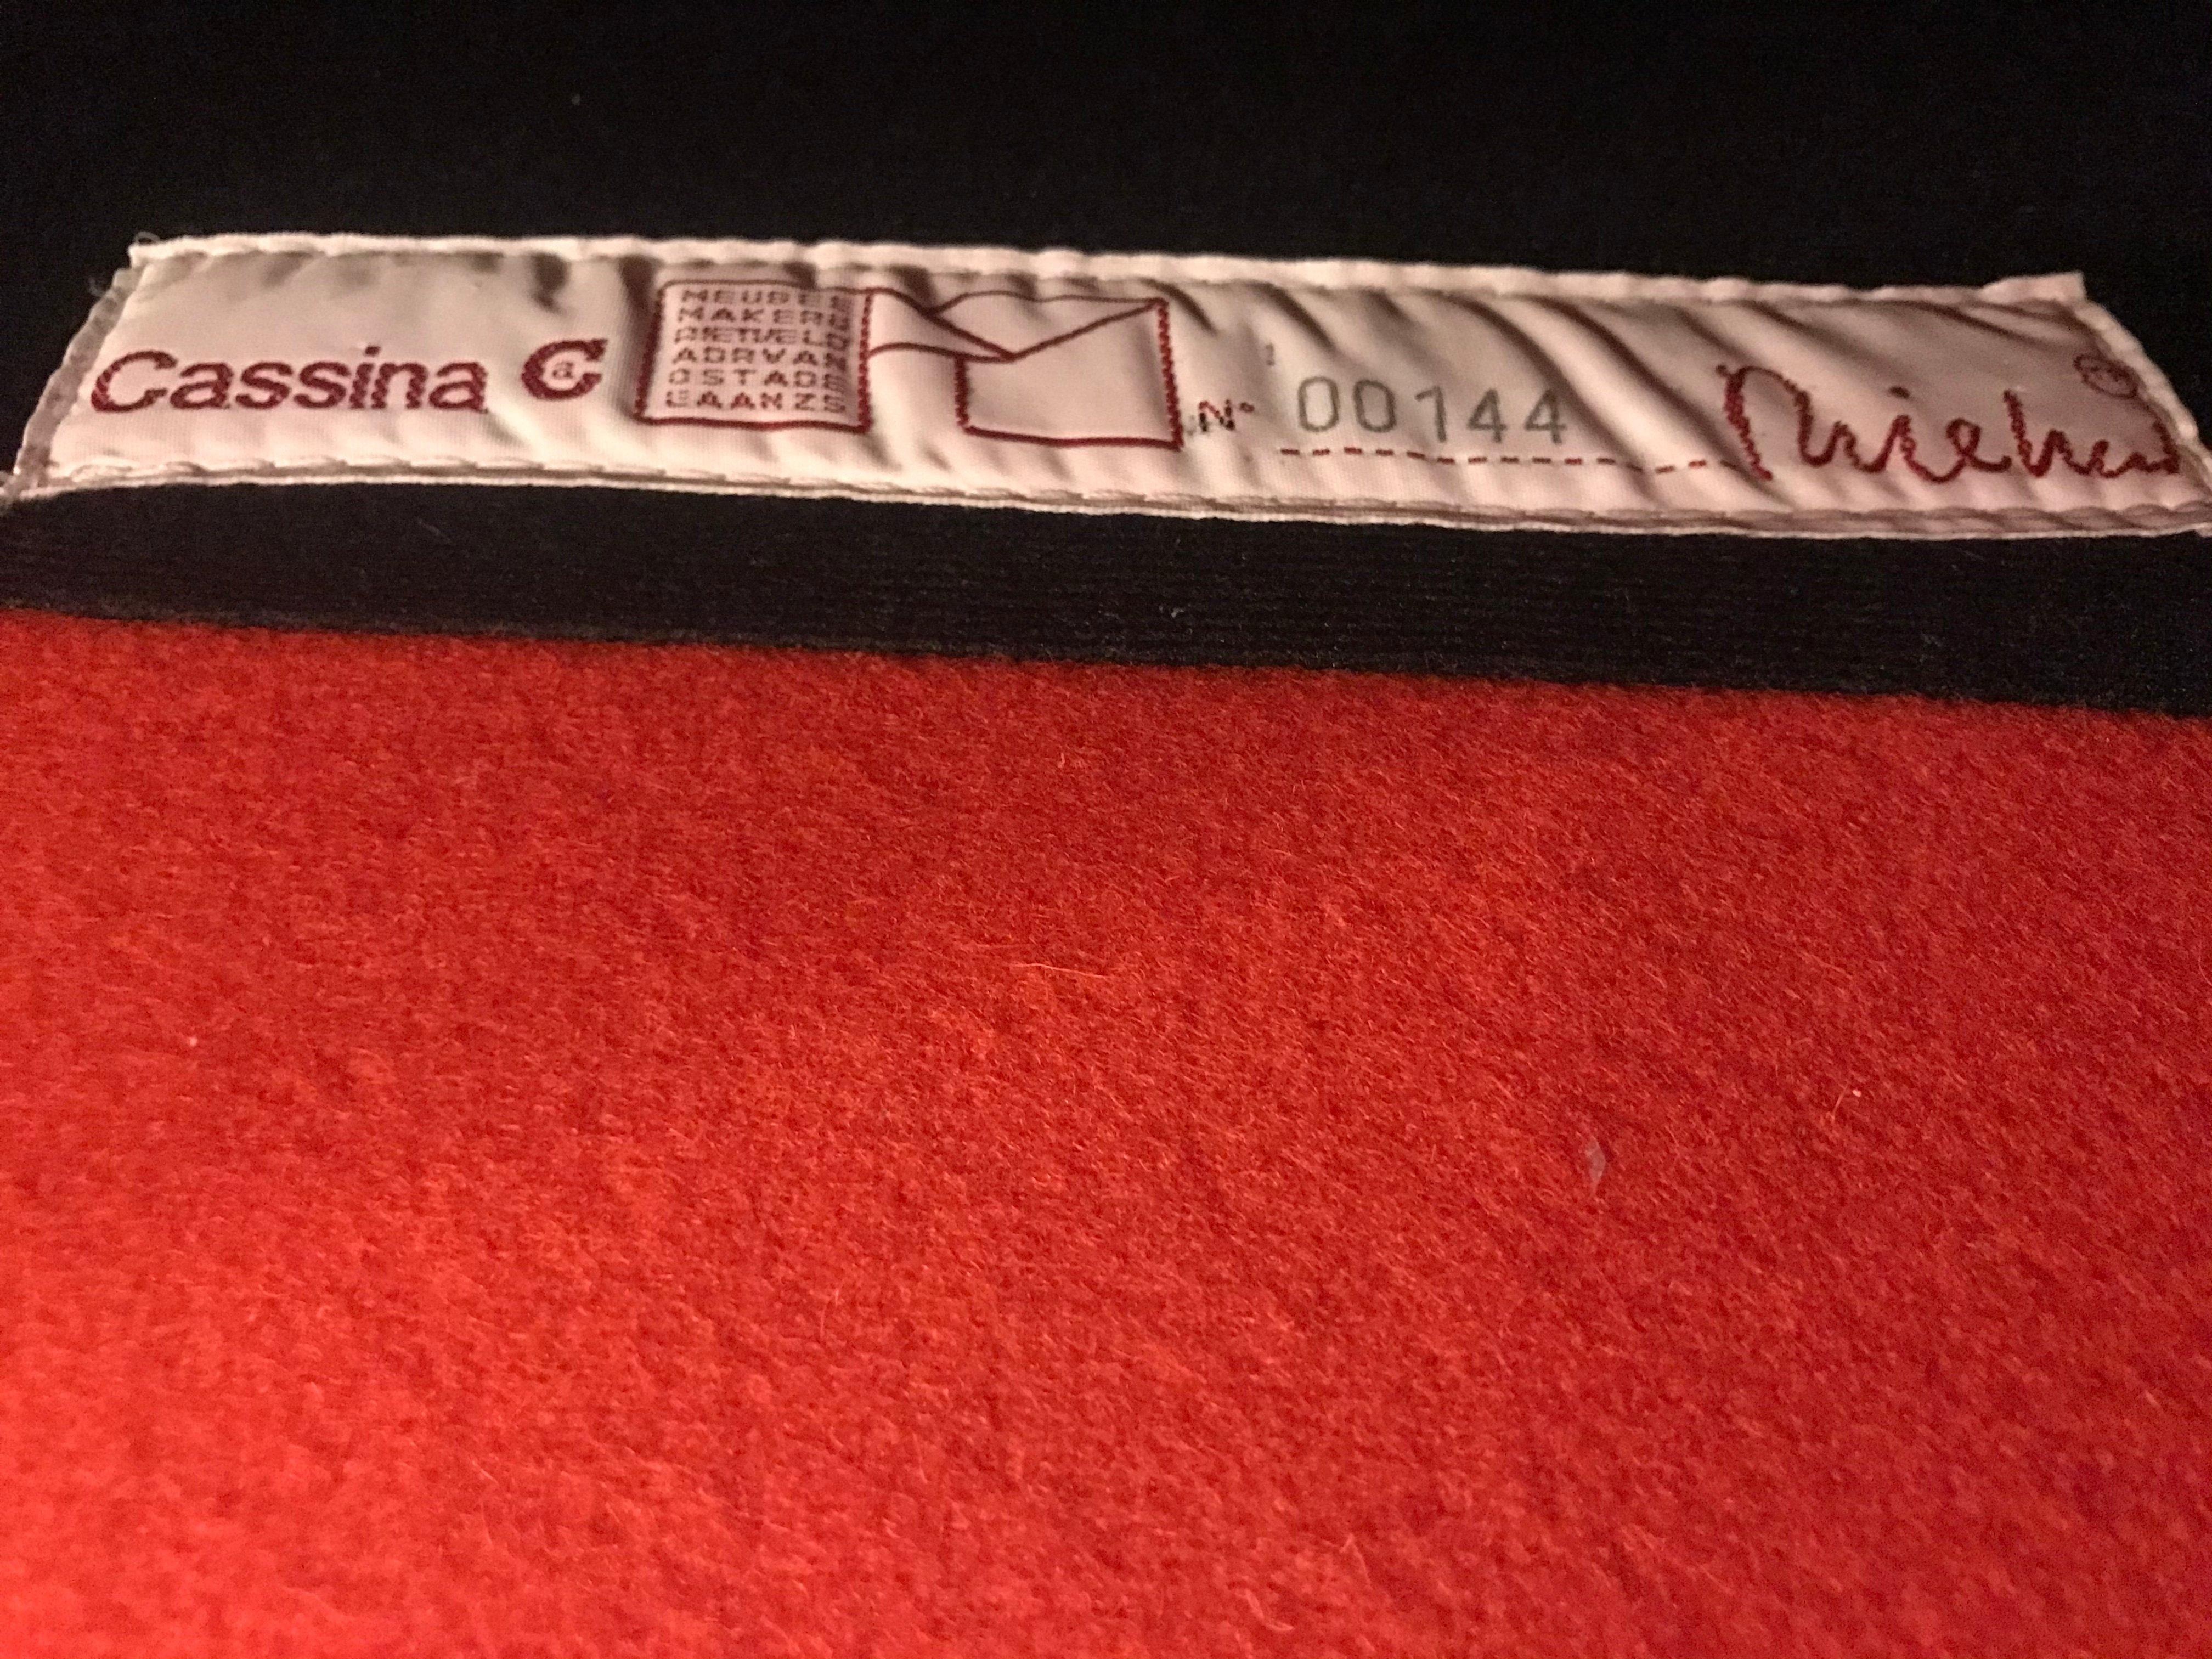 REDELÉ design Gerrit Thomas Rietveld original Cassina icon Made in Italy